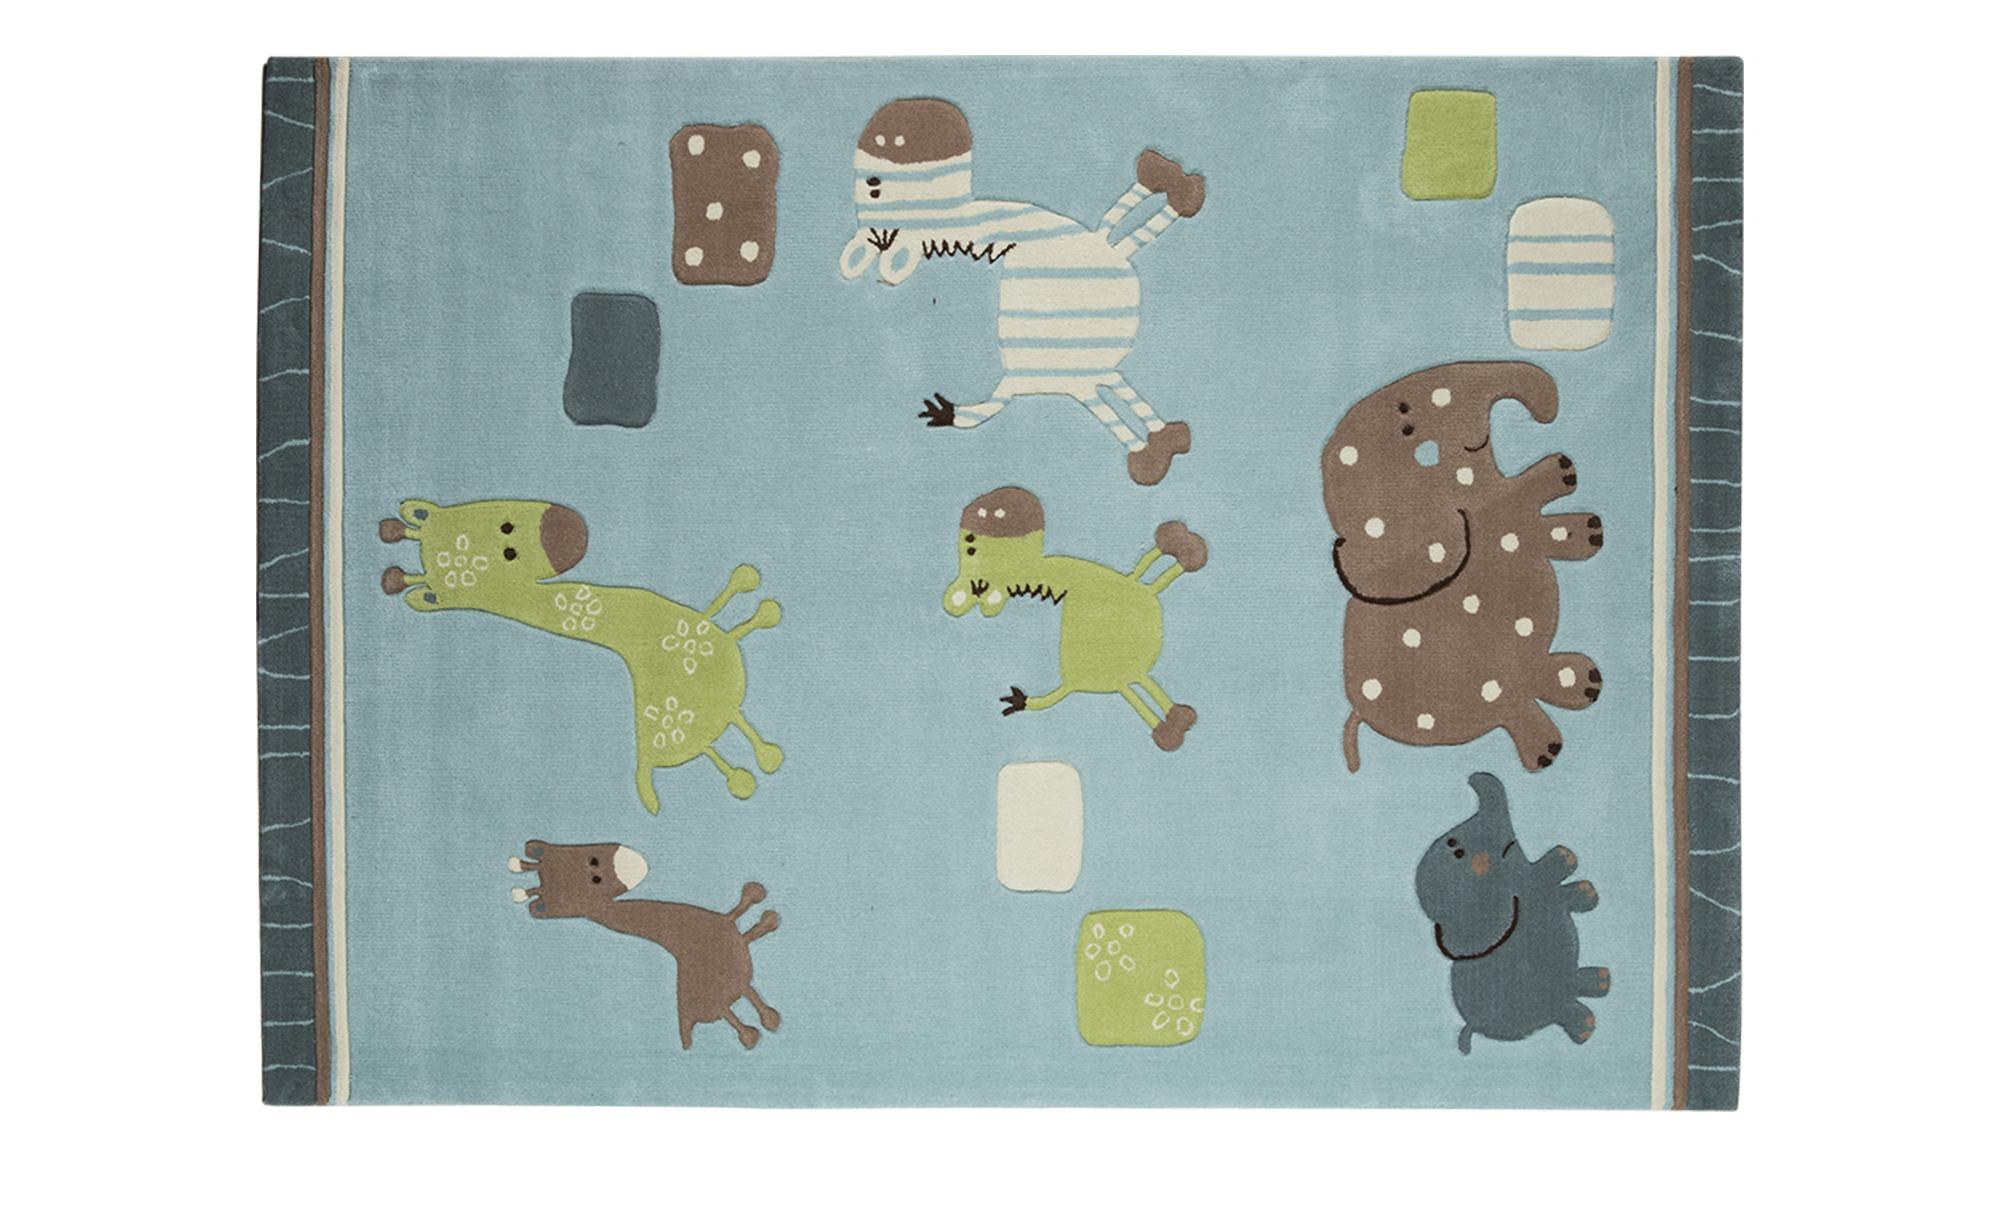 Esprit Handtuft-Teppich  Lucky Zoo ¦ blau ¦ 100 % Acryl, Synthethische Fasern ¦ Maße (cm): B: 90 Teppiche > Kinderteppiche - Höffner | Kinderzimmer > Textilien für Kinder > Kinderteppiche | Möbel Höffner DE